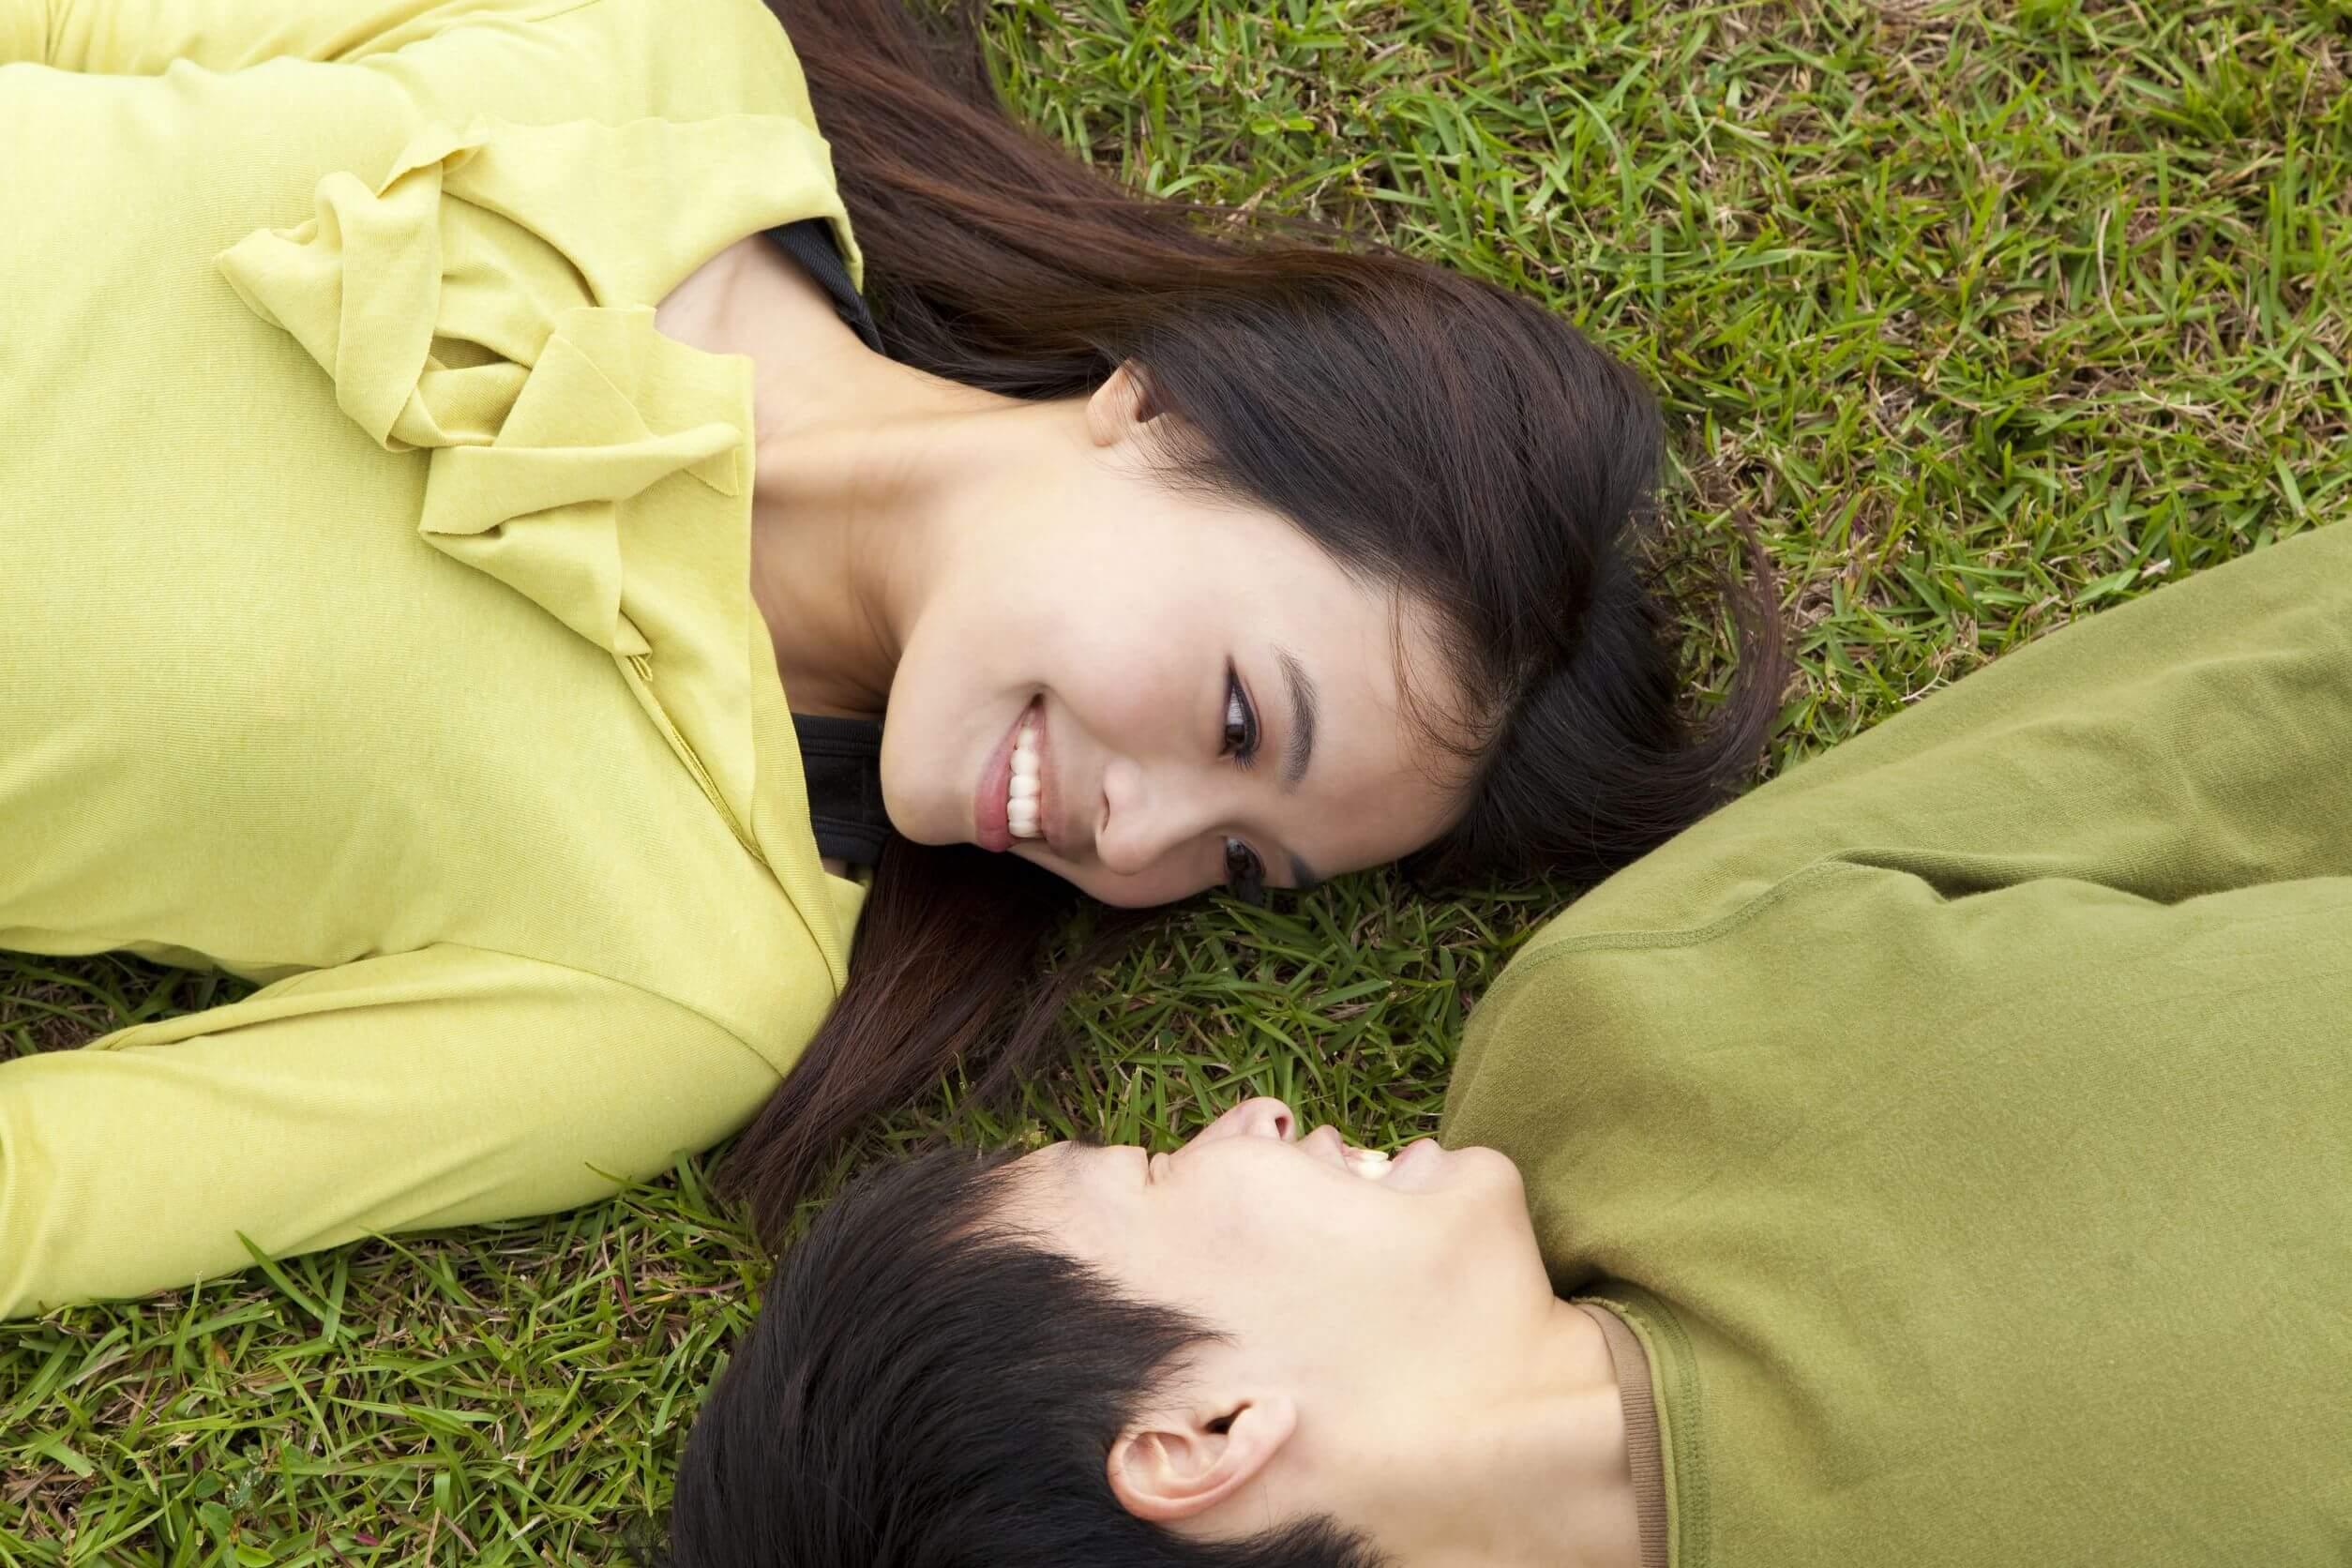 Para empezar una relación hay que fortalecer los lazos.